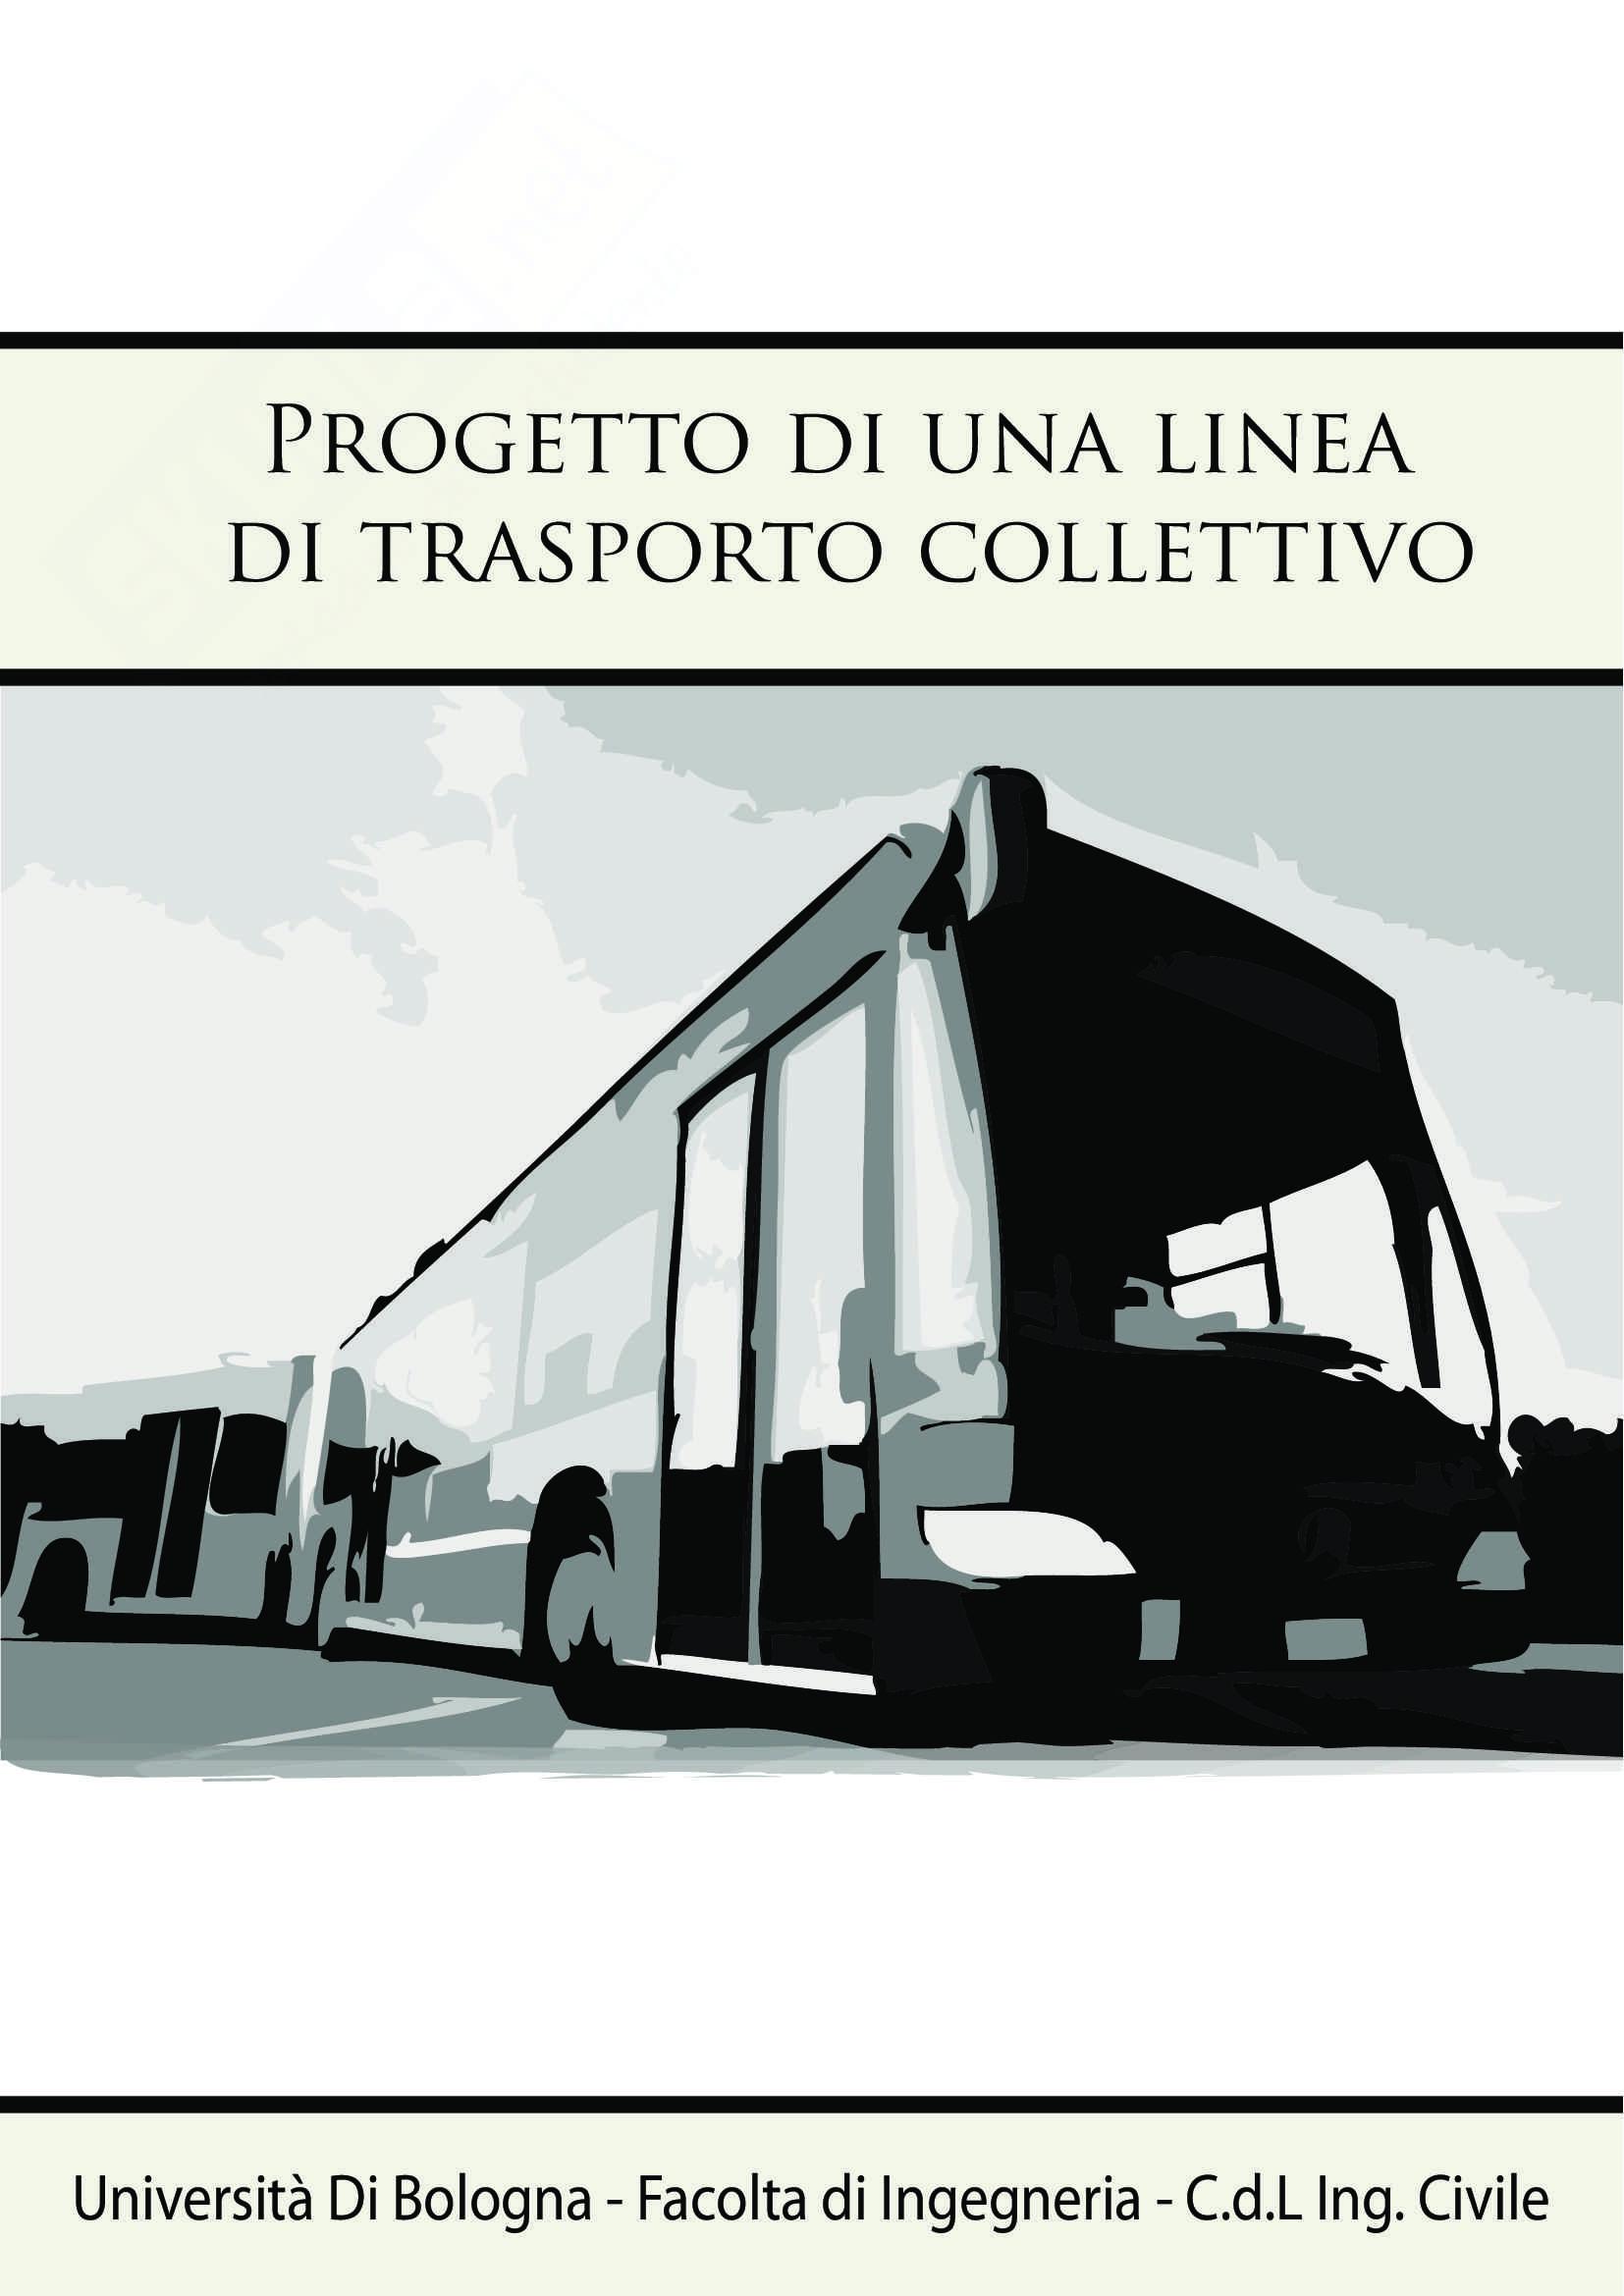 Progetto di una linea di trasporto collettivo